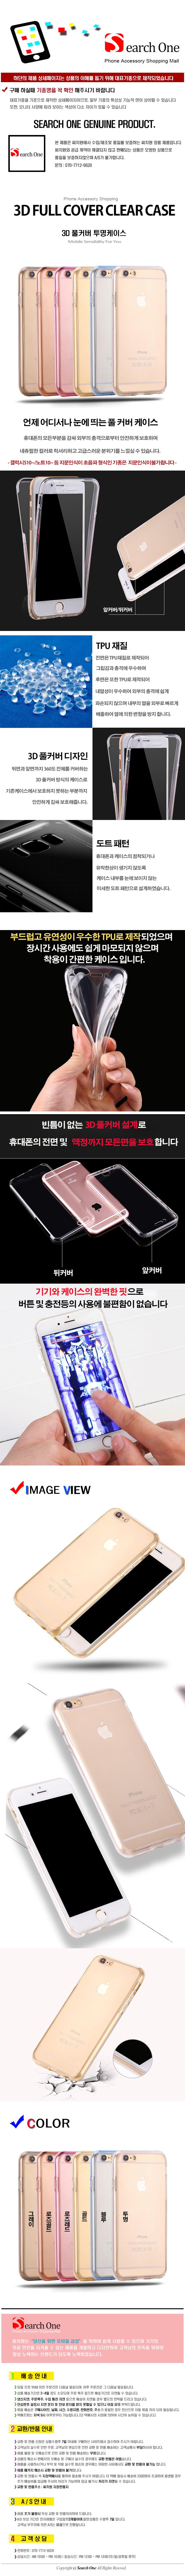 아이폰5/아이폰5S 3D 풀커버 투명케이스/전후면보호 - 써치원, 8,900원, 케이스, 아이폰5/5S/5SE